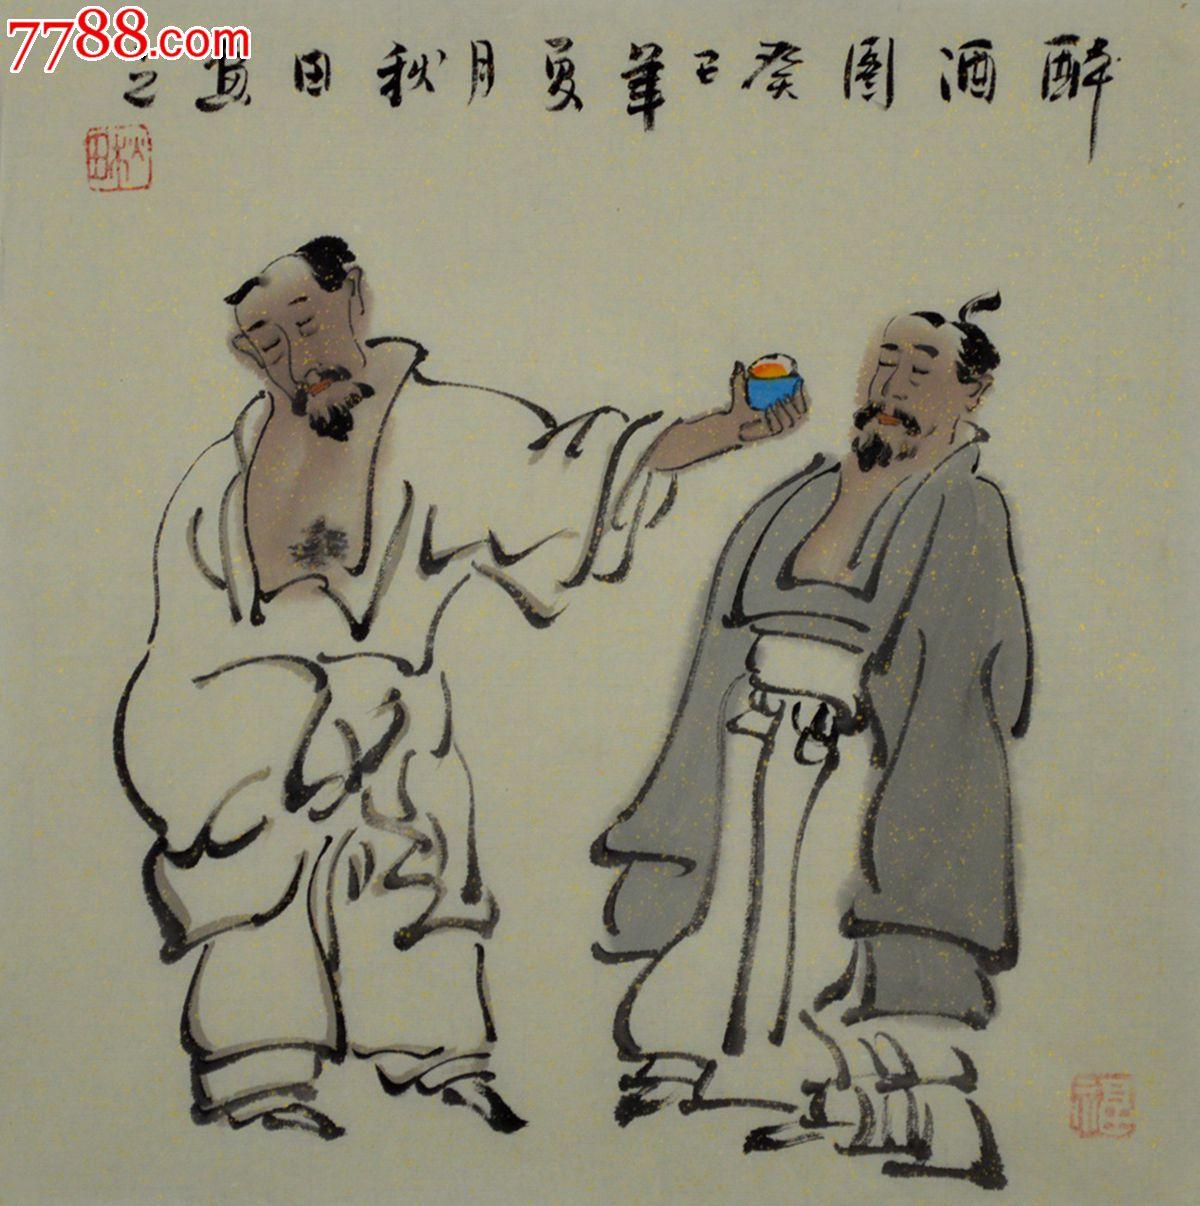 小品人物画《醉酒图》_人物国画原作_涵墨斋【中国